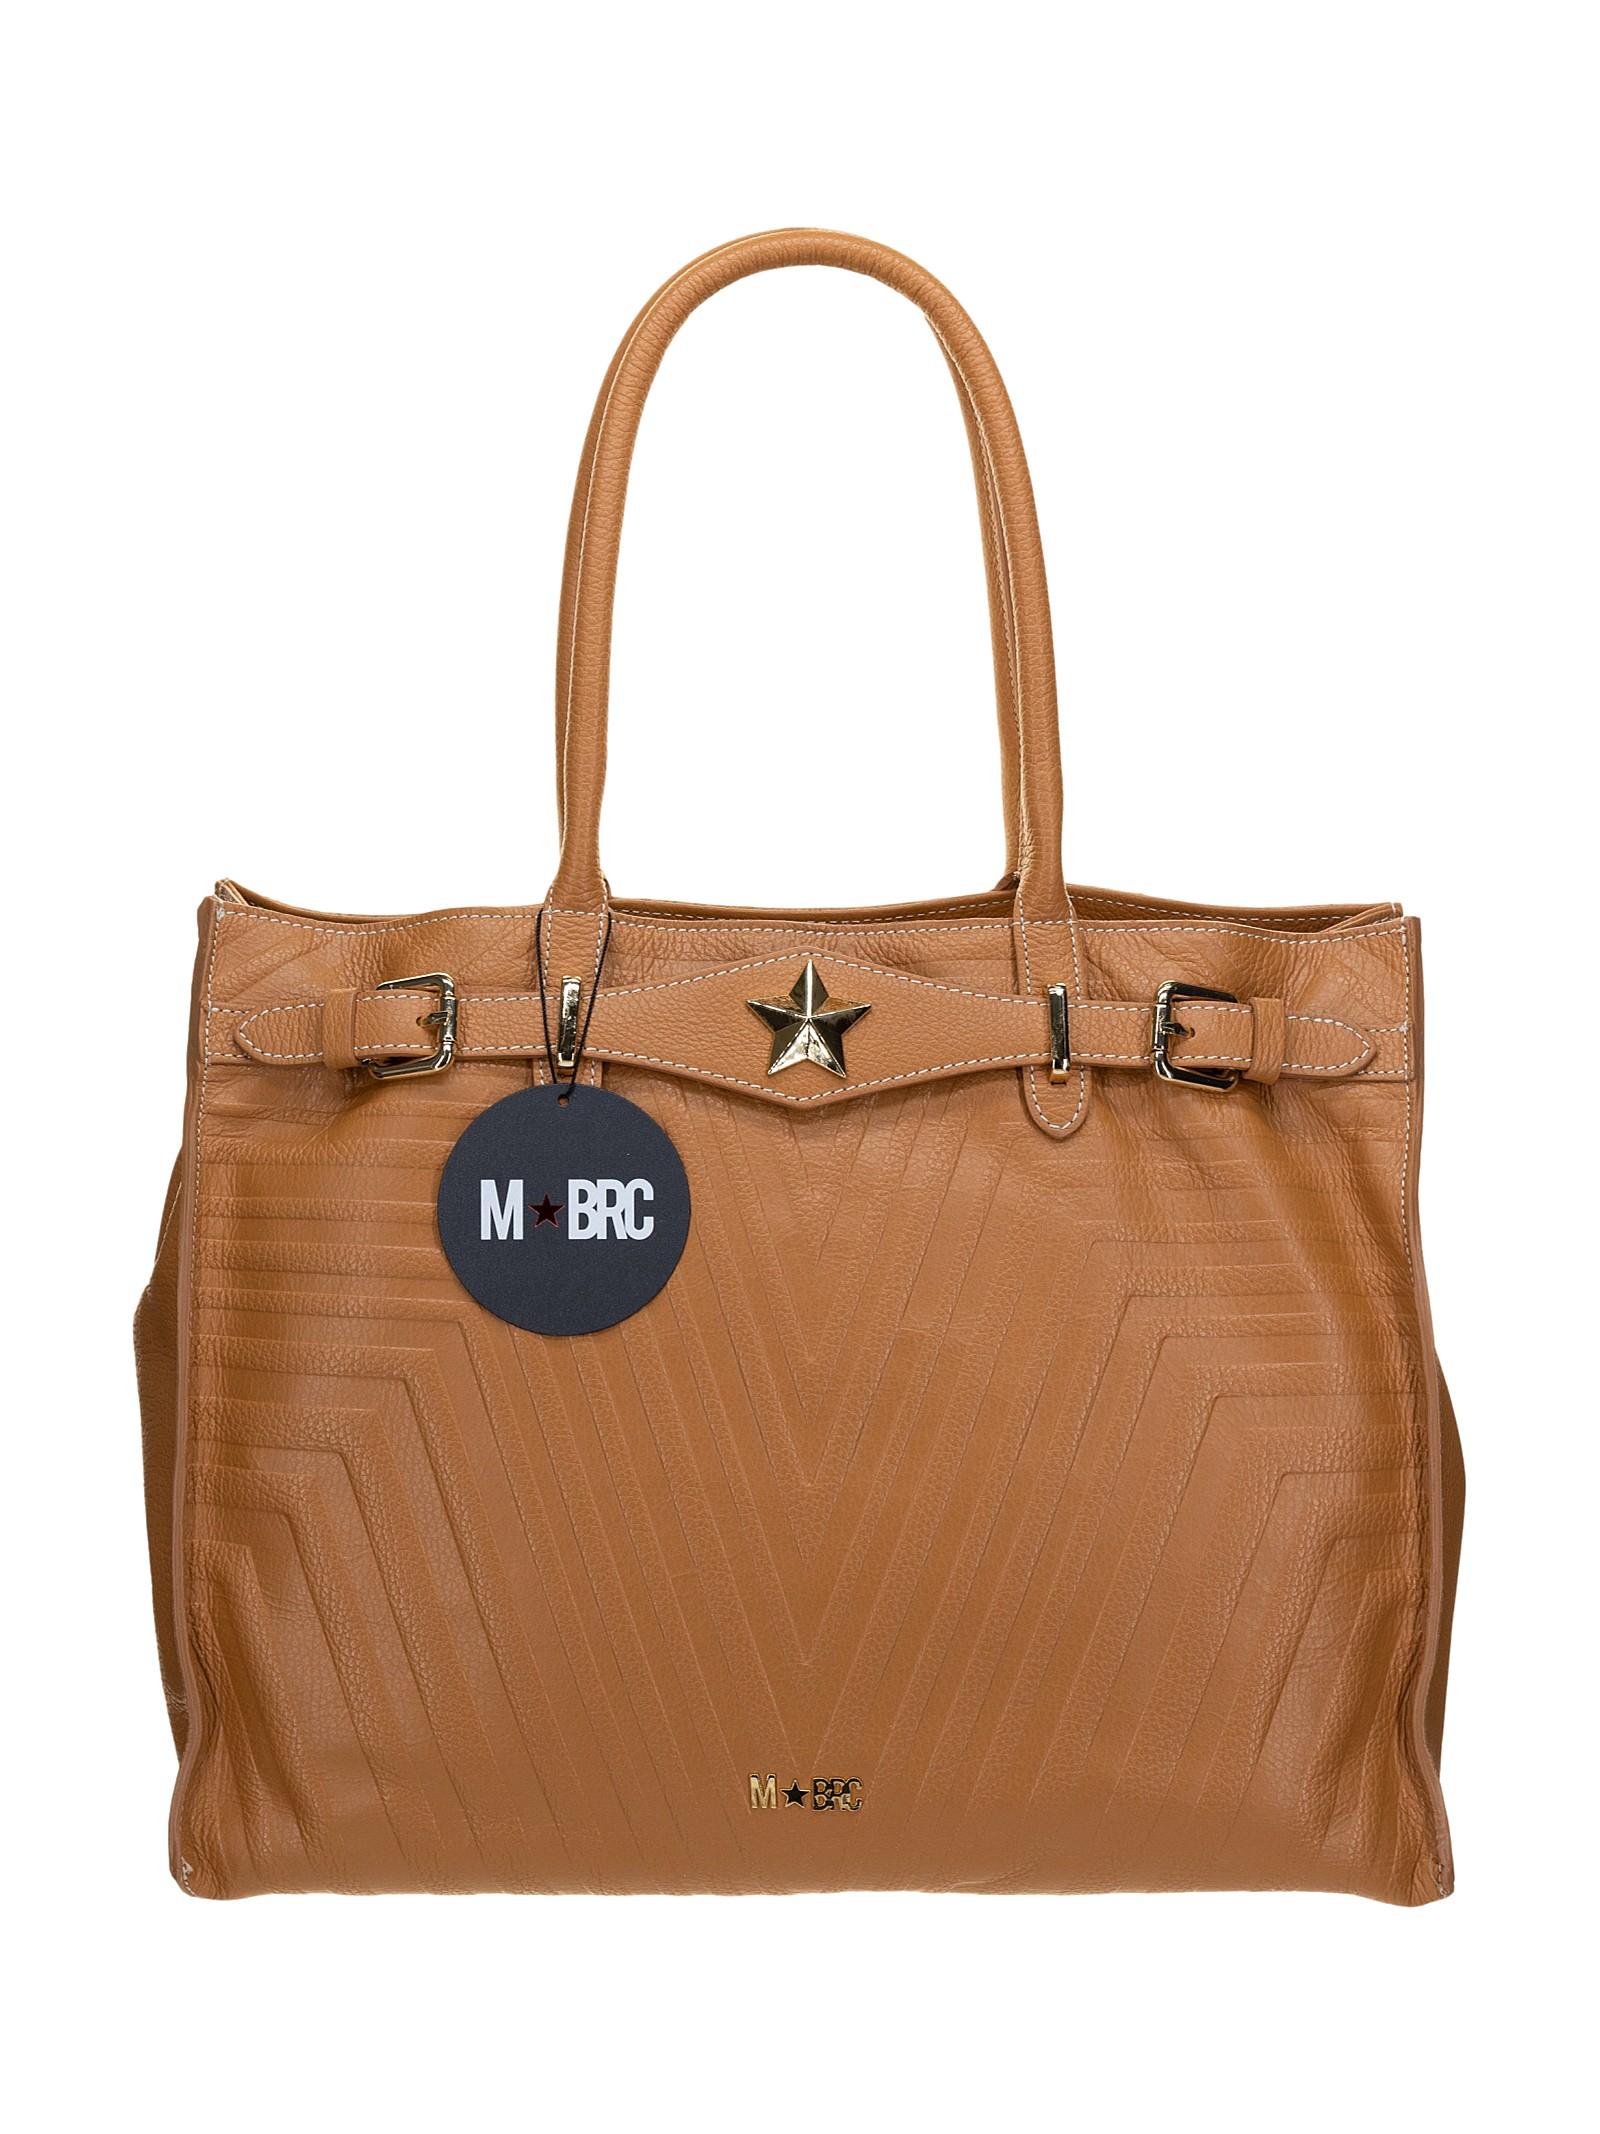 M BRC   Borsa  Shopping  cuoio